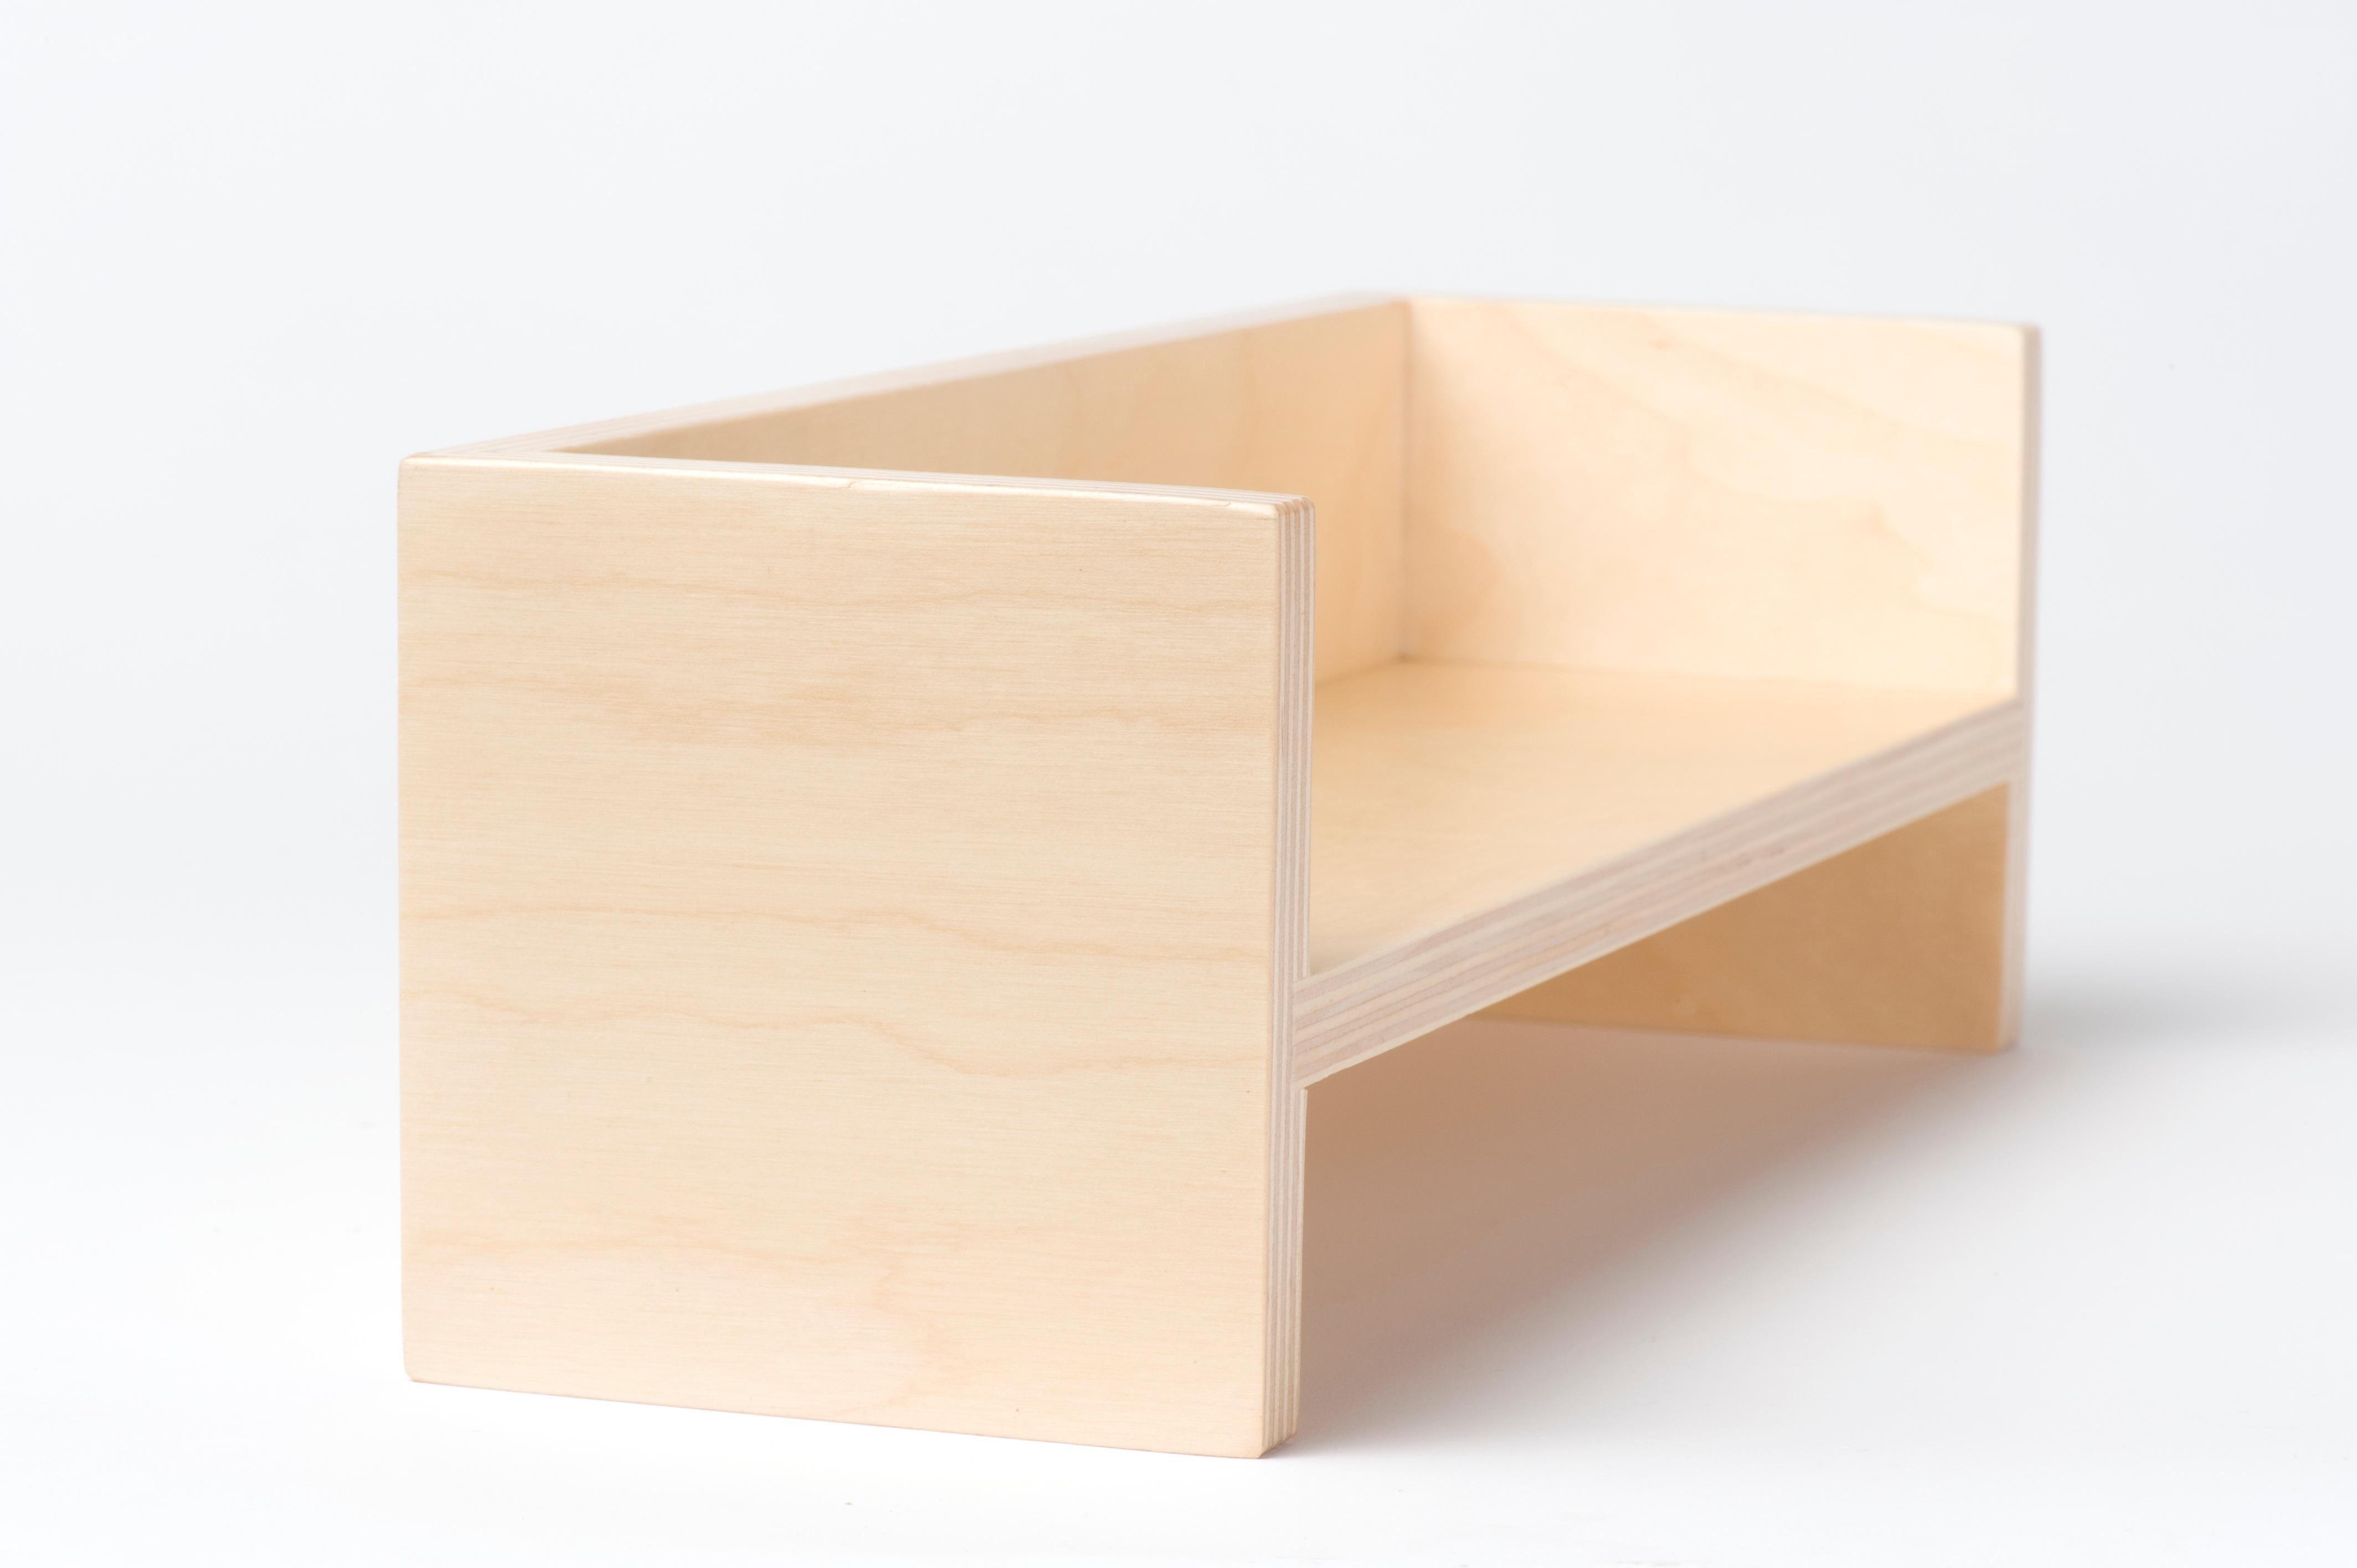 Låda av trä